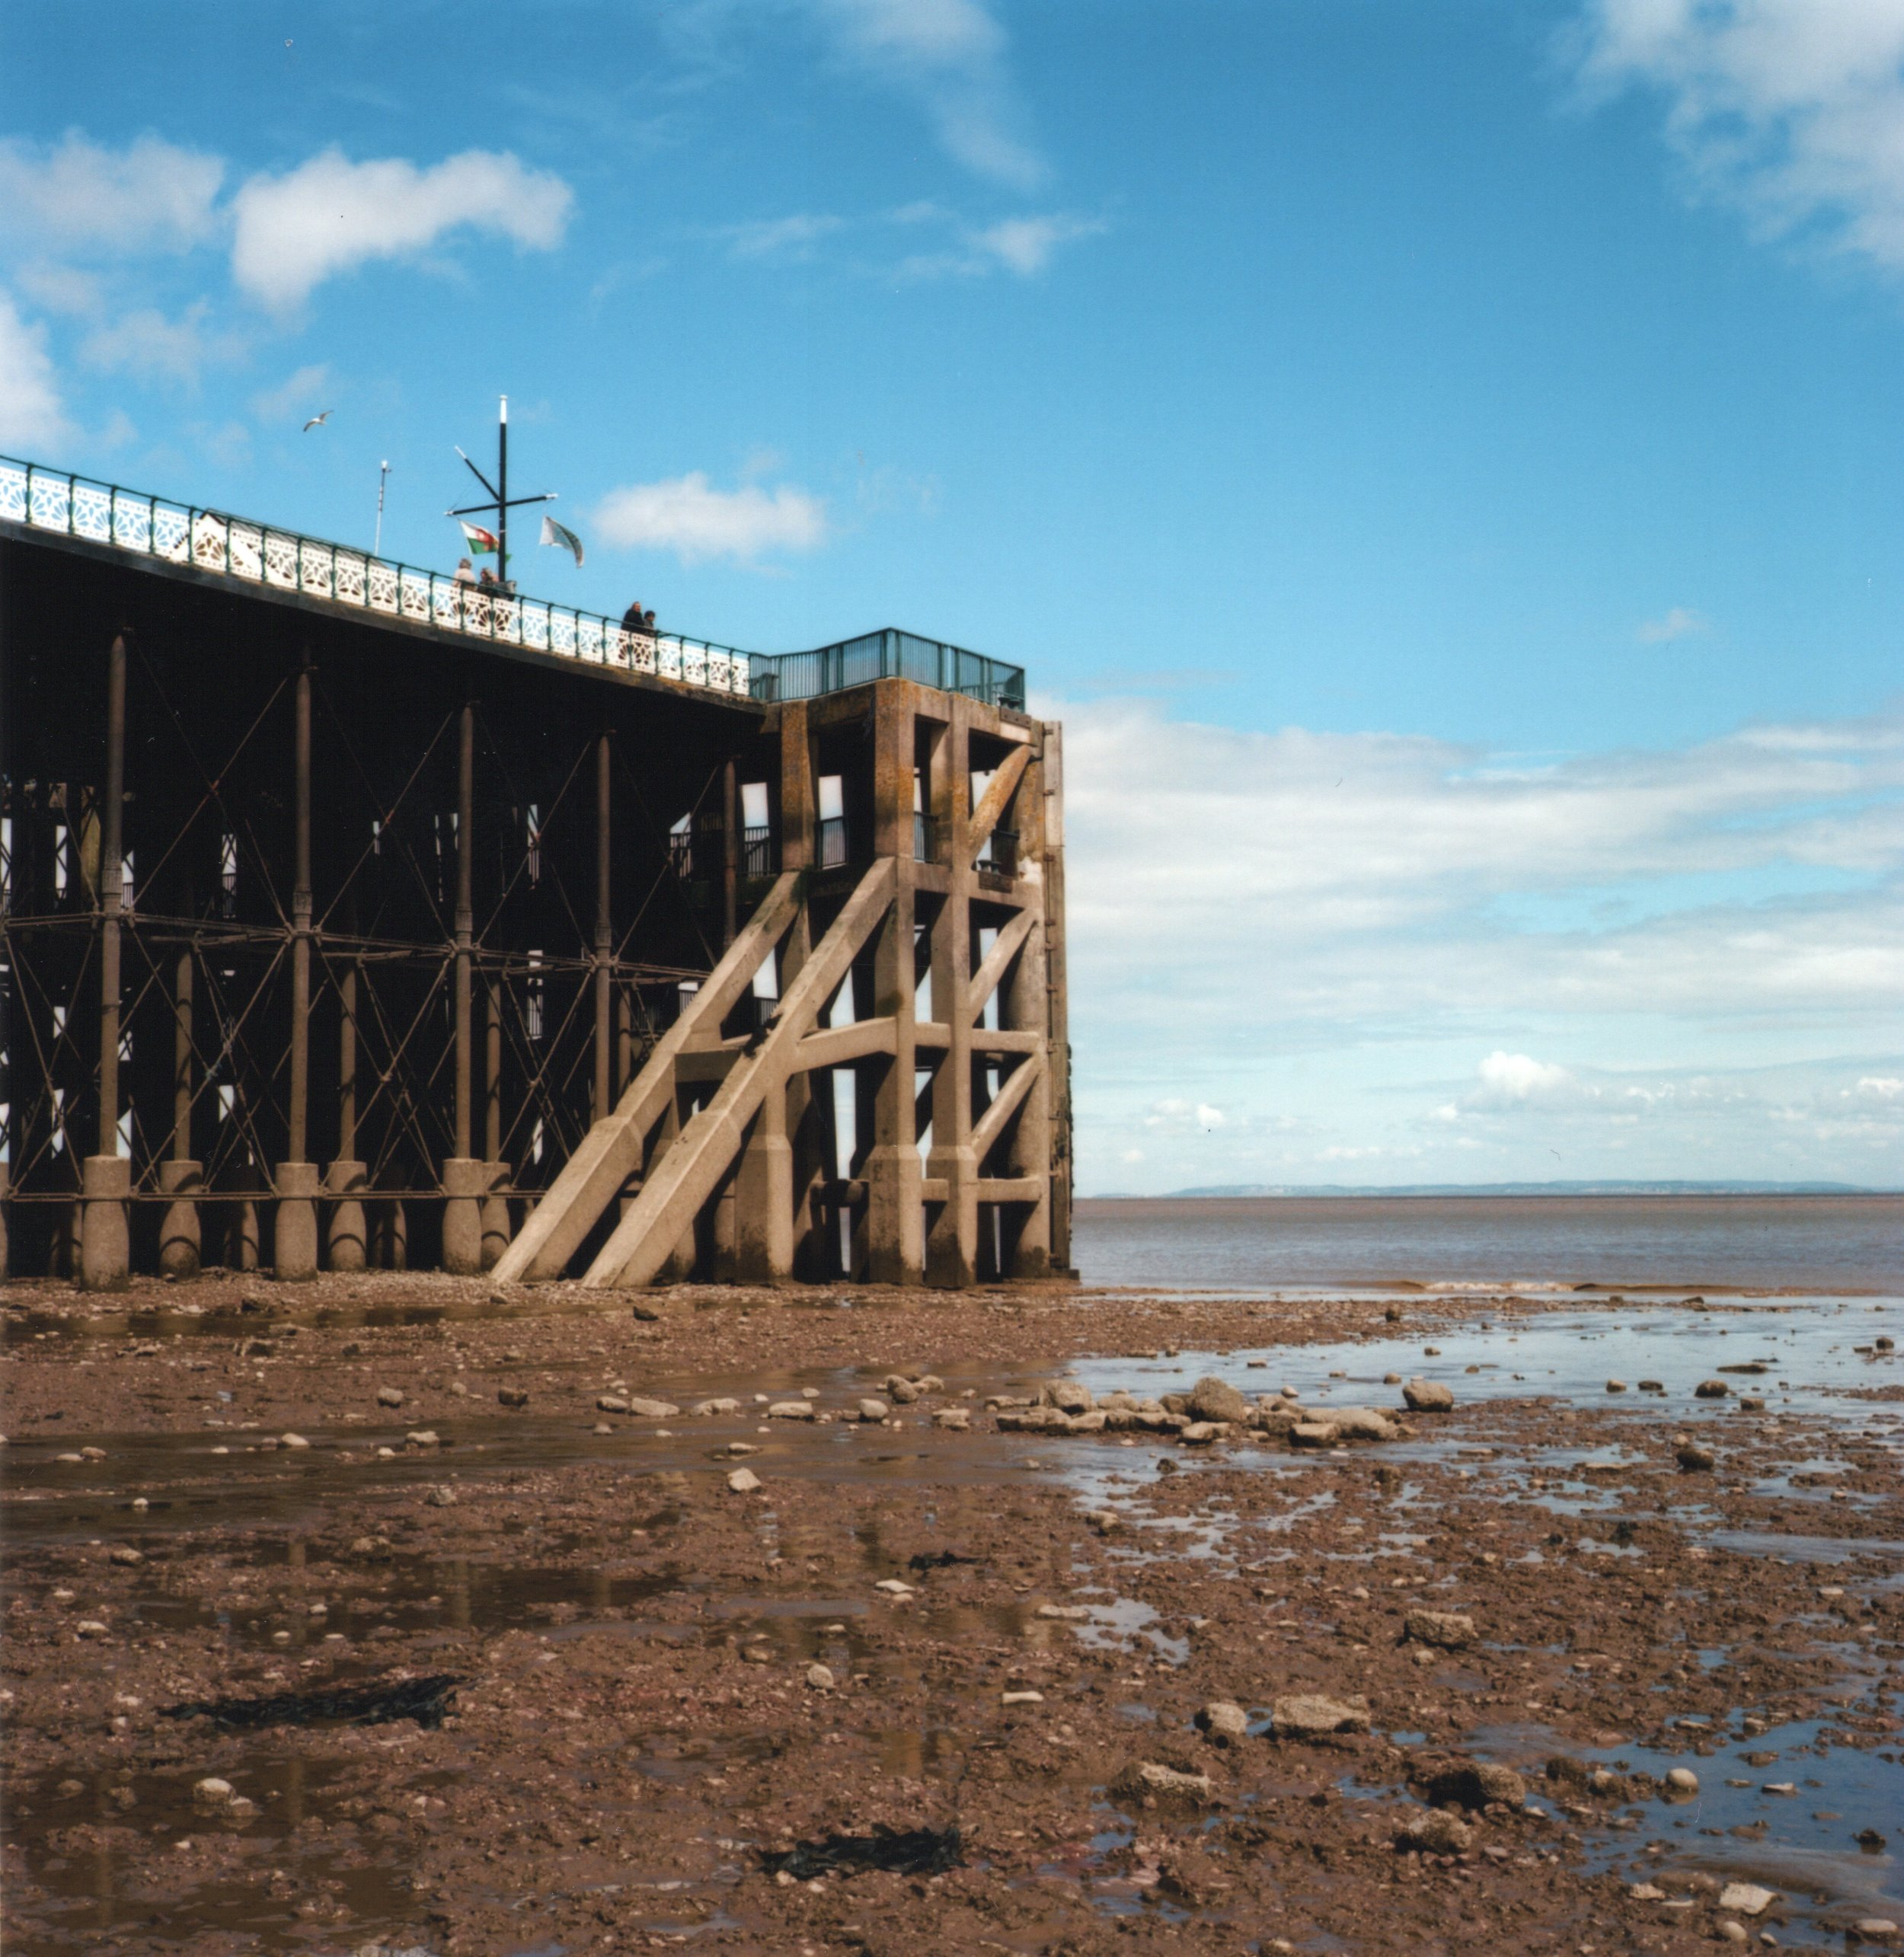 Penarth pier, Zenza Bronica S2A, Kodak Ekatr 100.